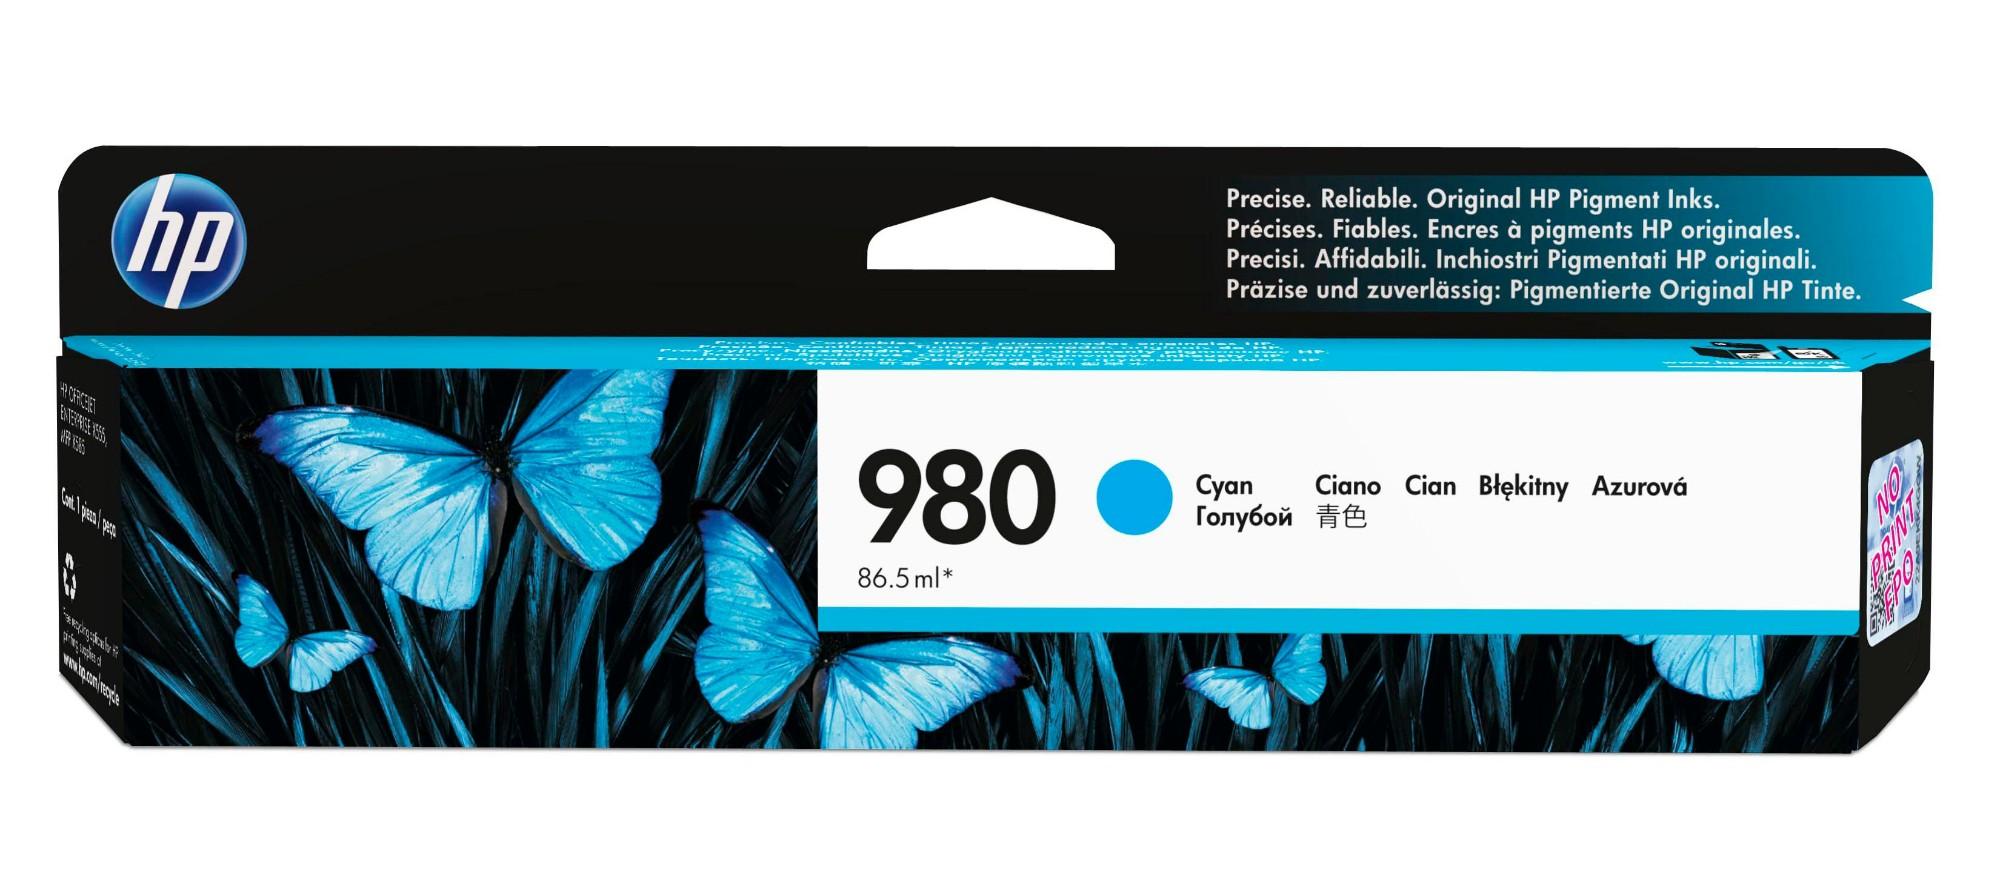 HP 980 Original Cian 1 pieza(s) Rendimiento estándar